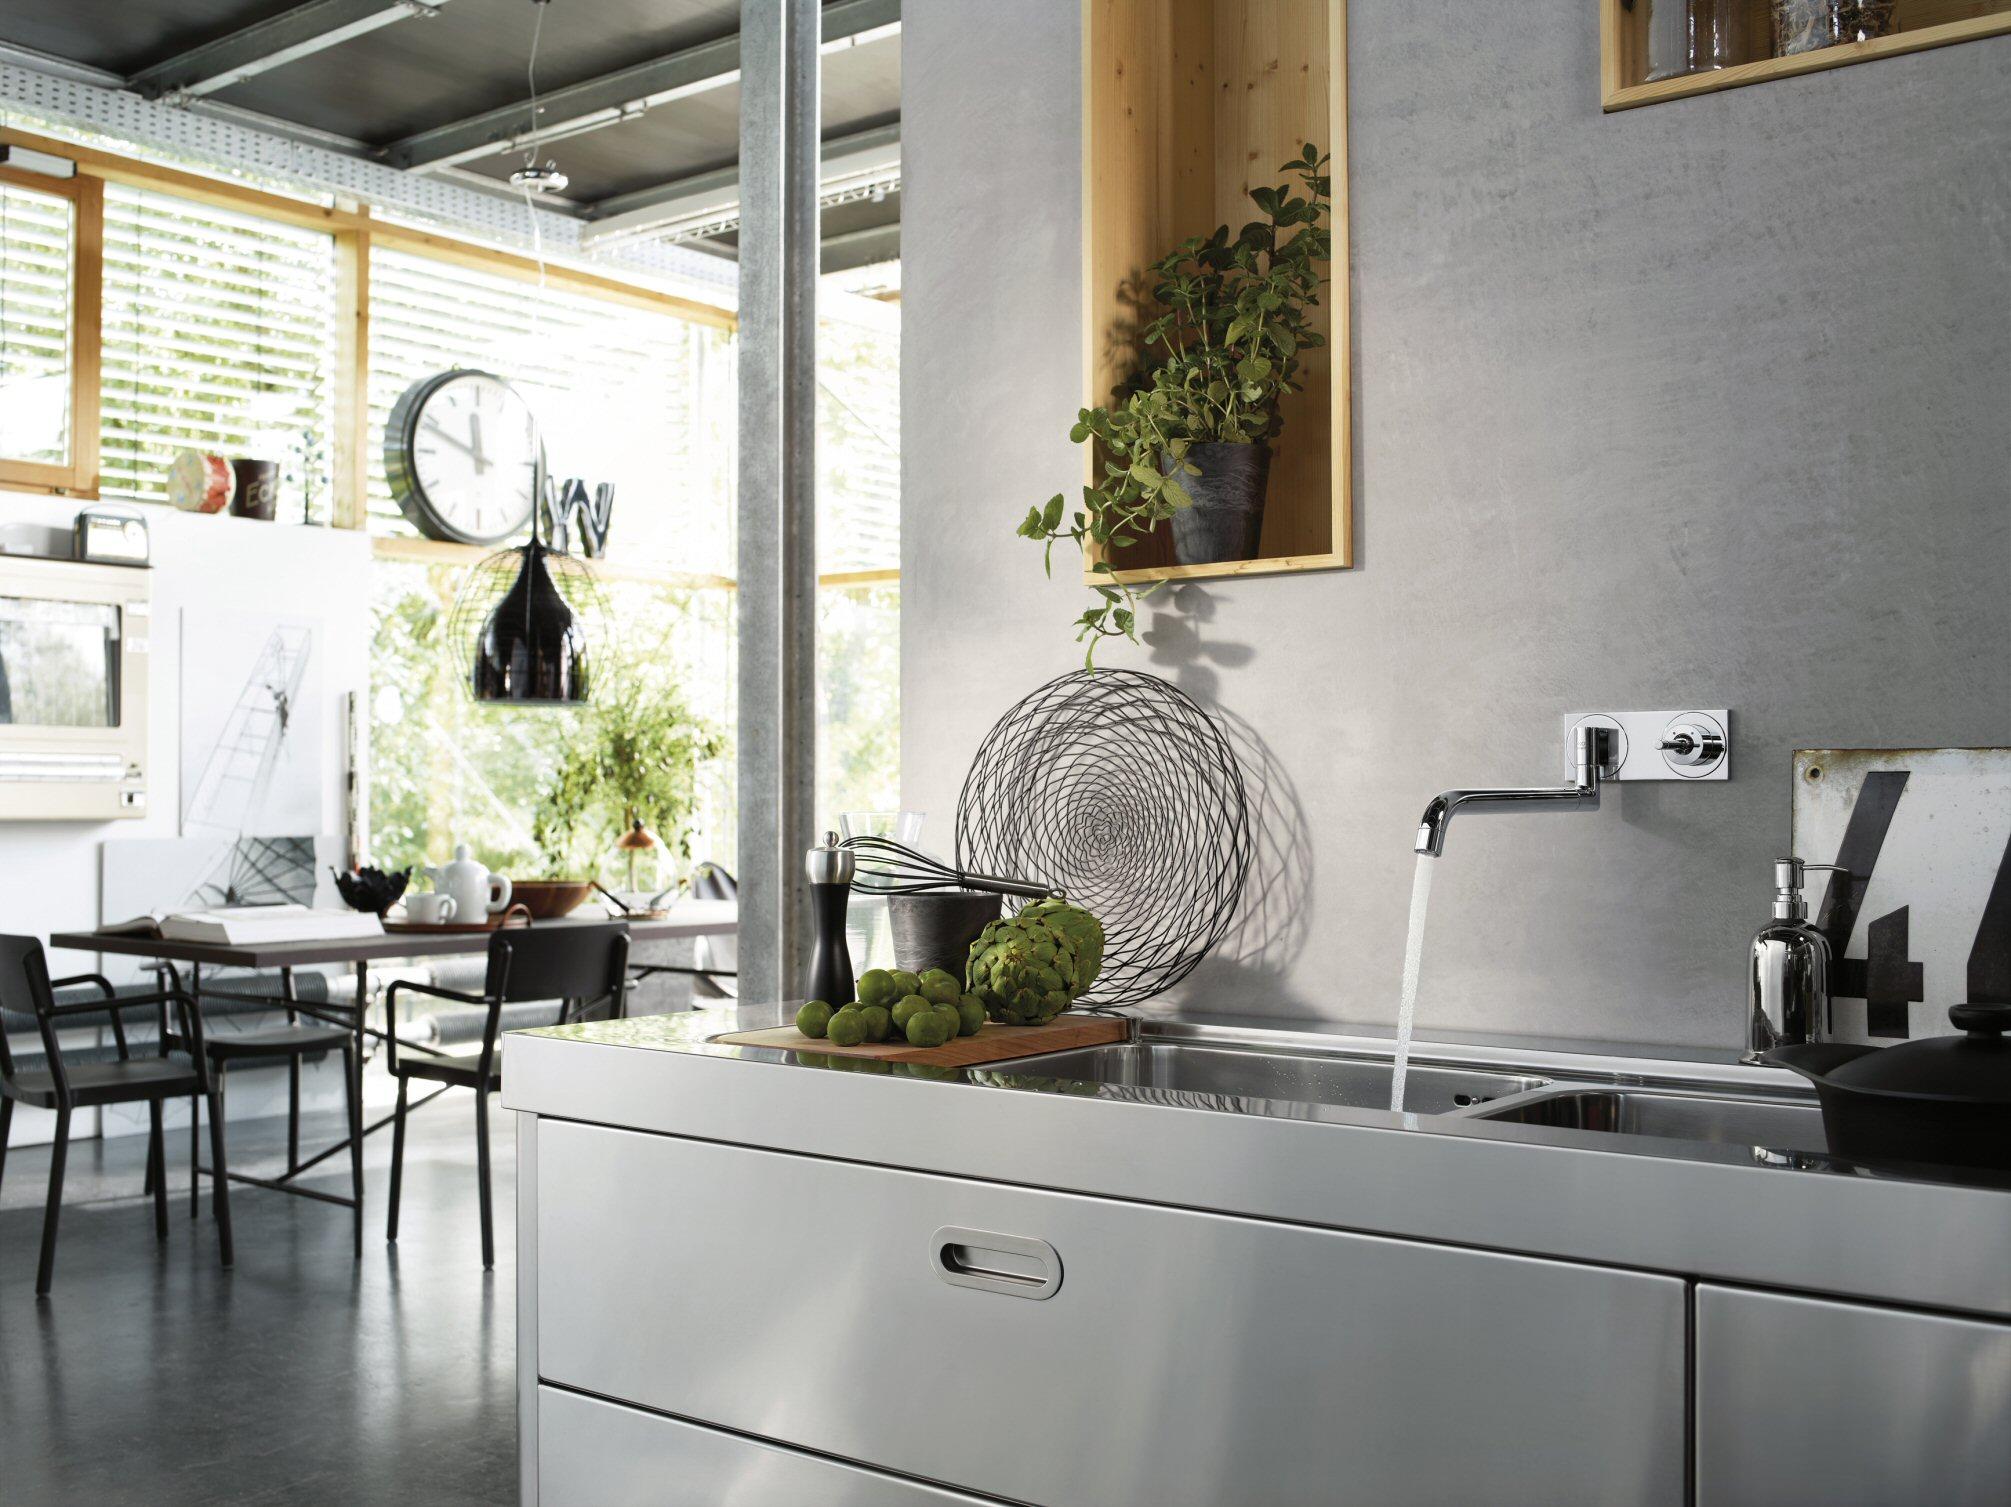 Kitchen mixer Photo - 8